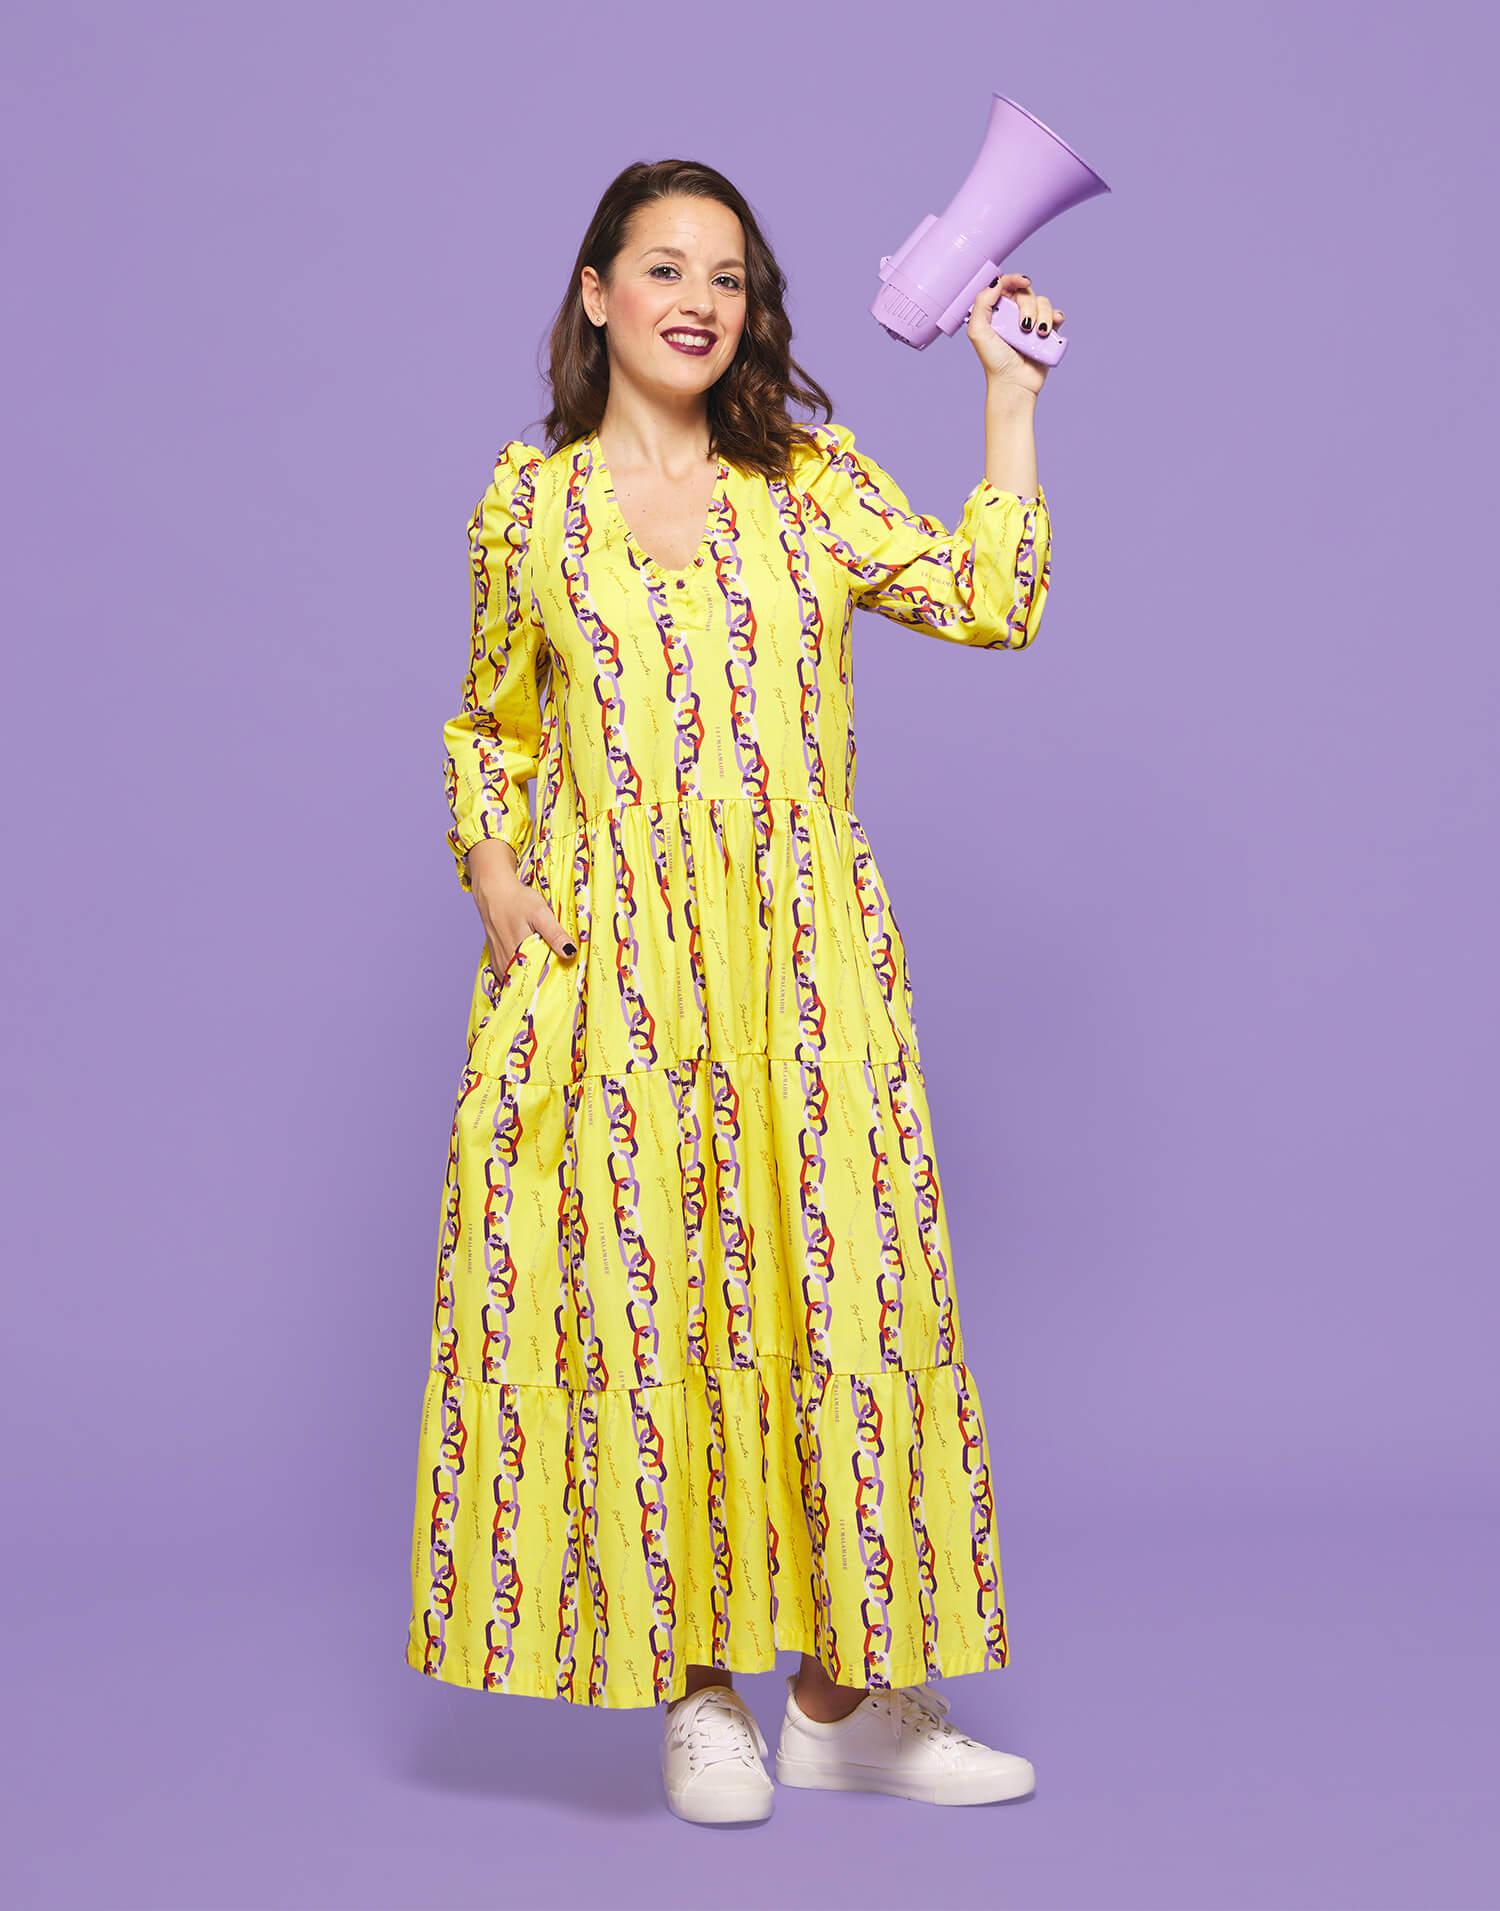 Vestido 'Soy feminista' con cuello de pico